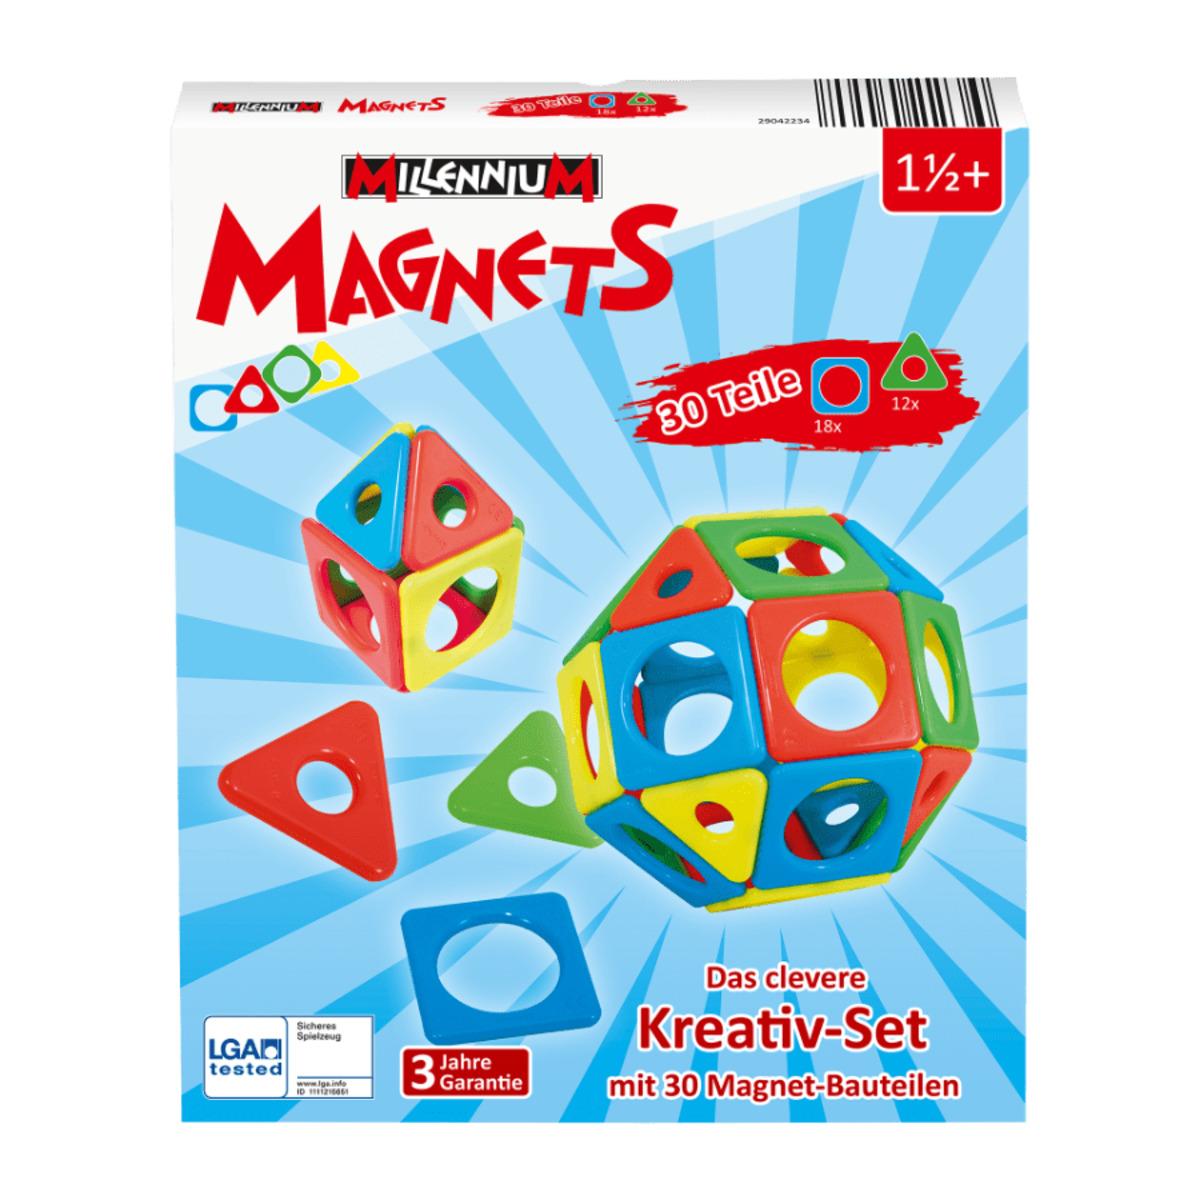 Bild 5 von Magnets